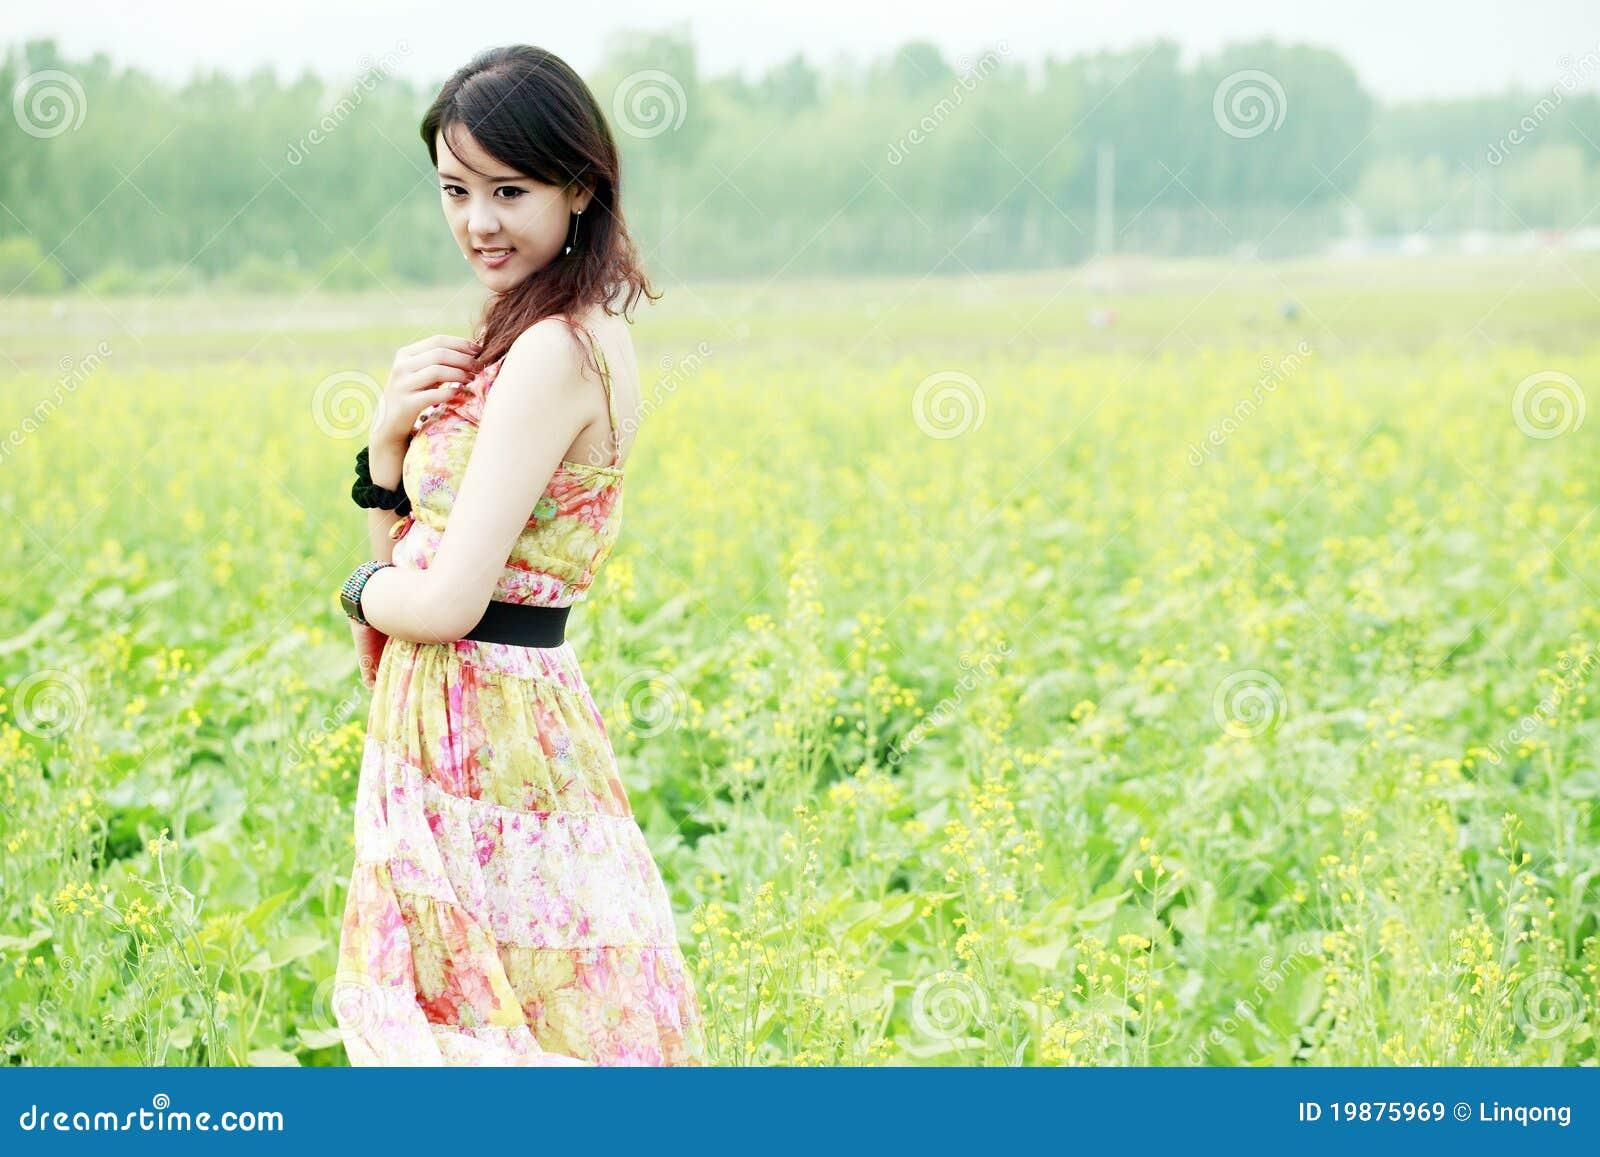 Asiatische Schönheit auf dem Rapsgebiet